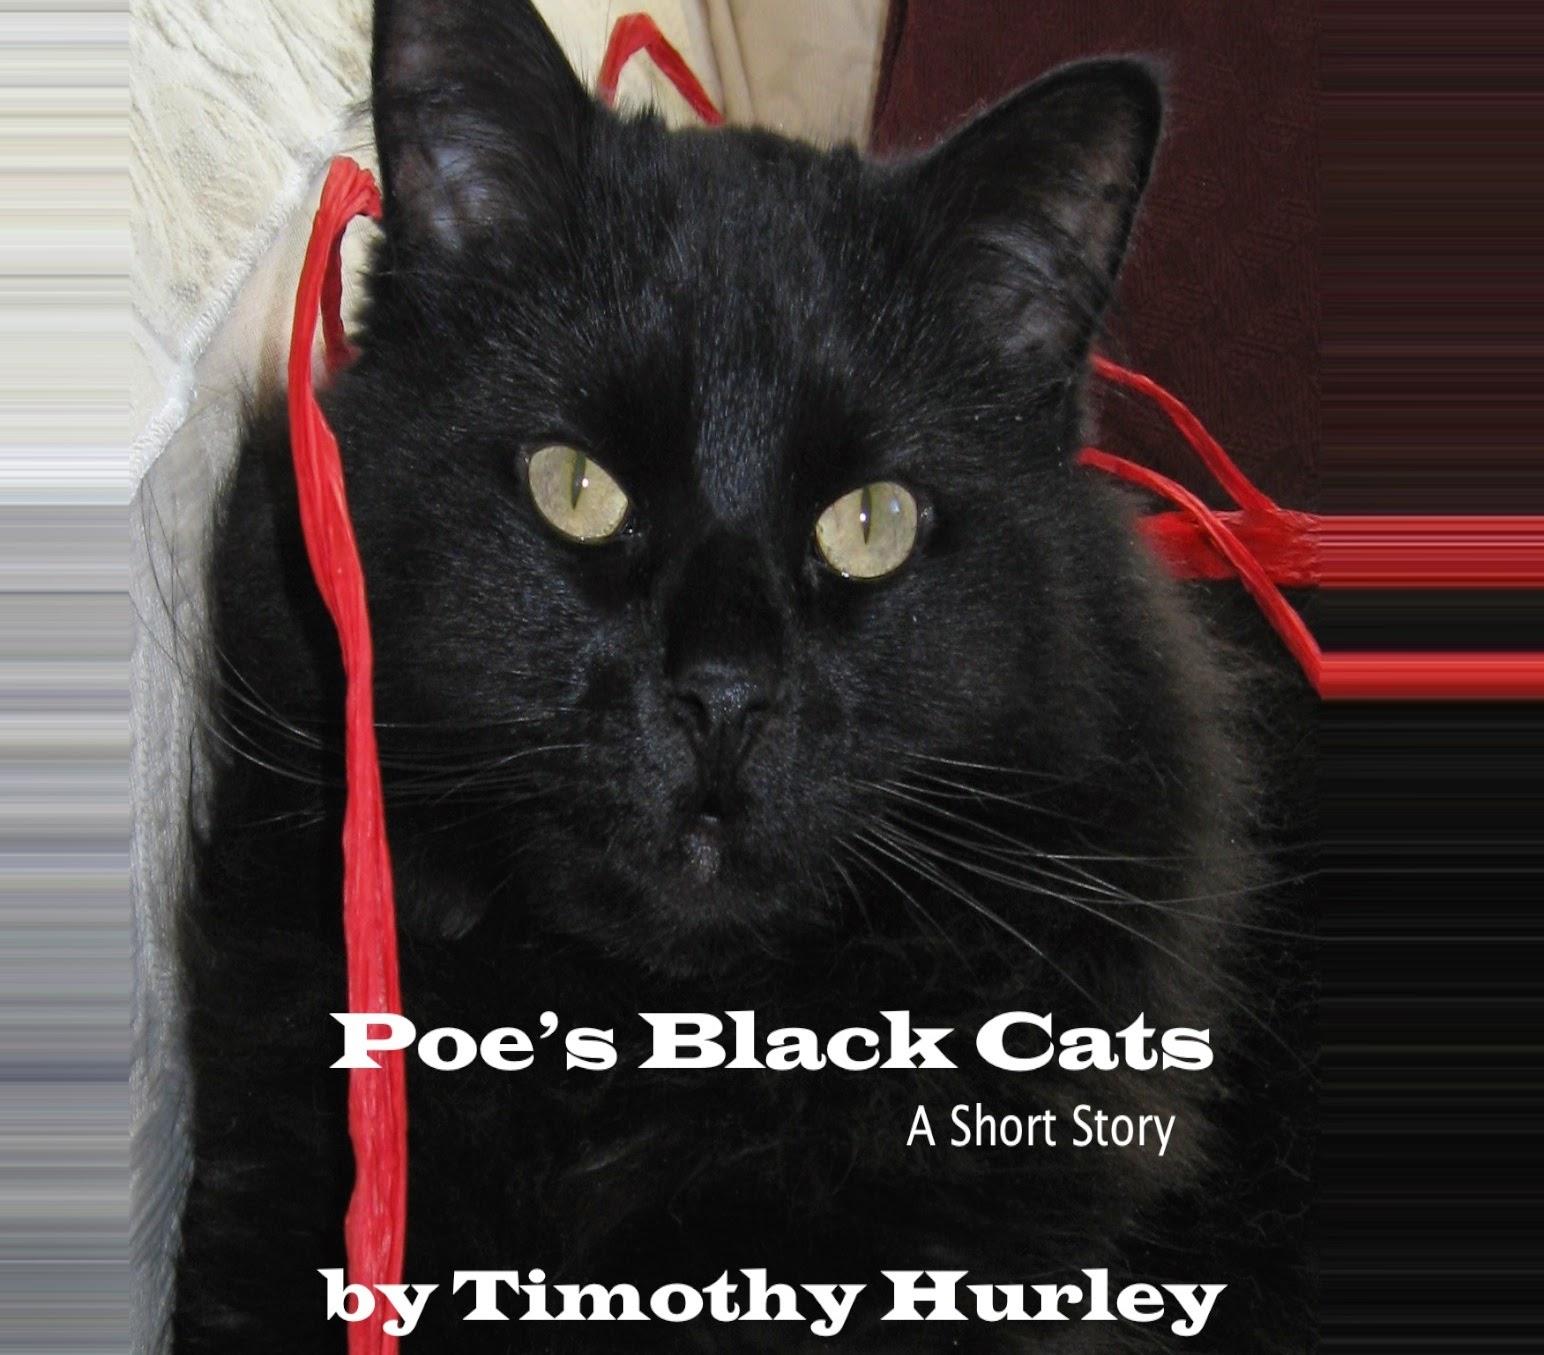 Poe's Black Cats